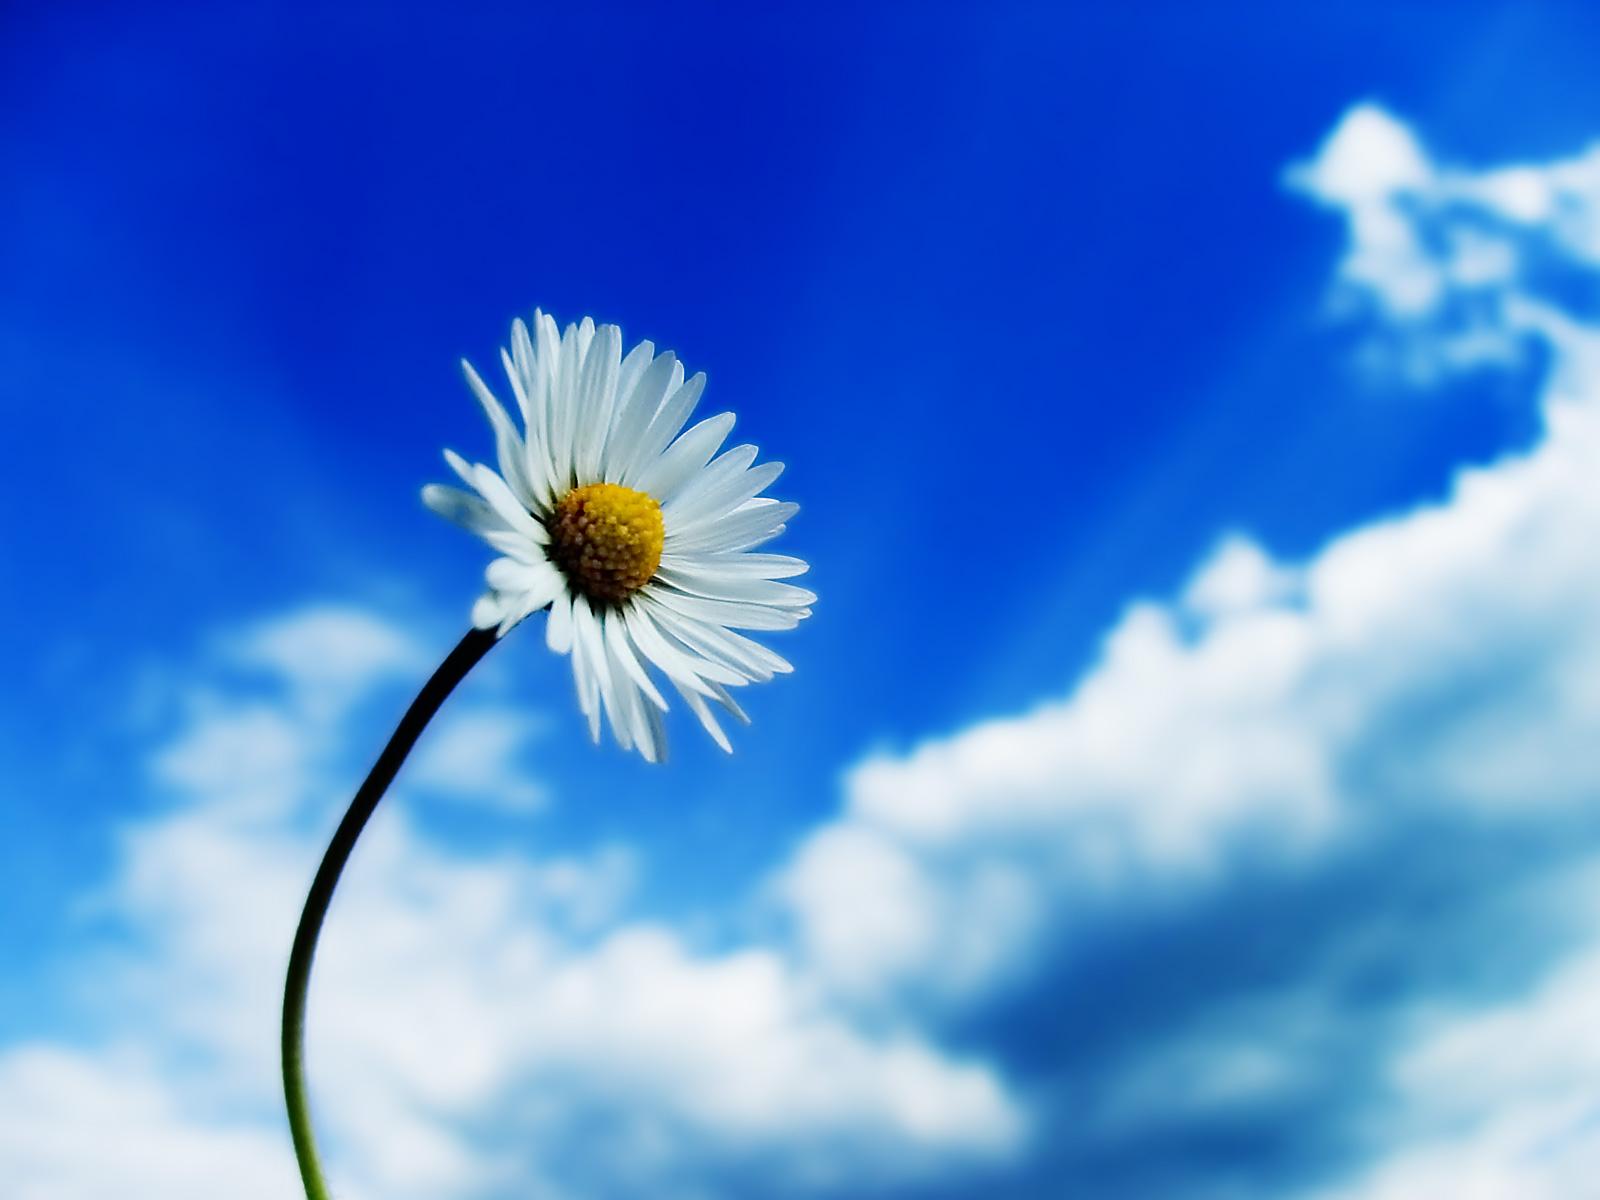 daisy wallpaper 22185